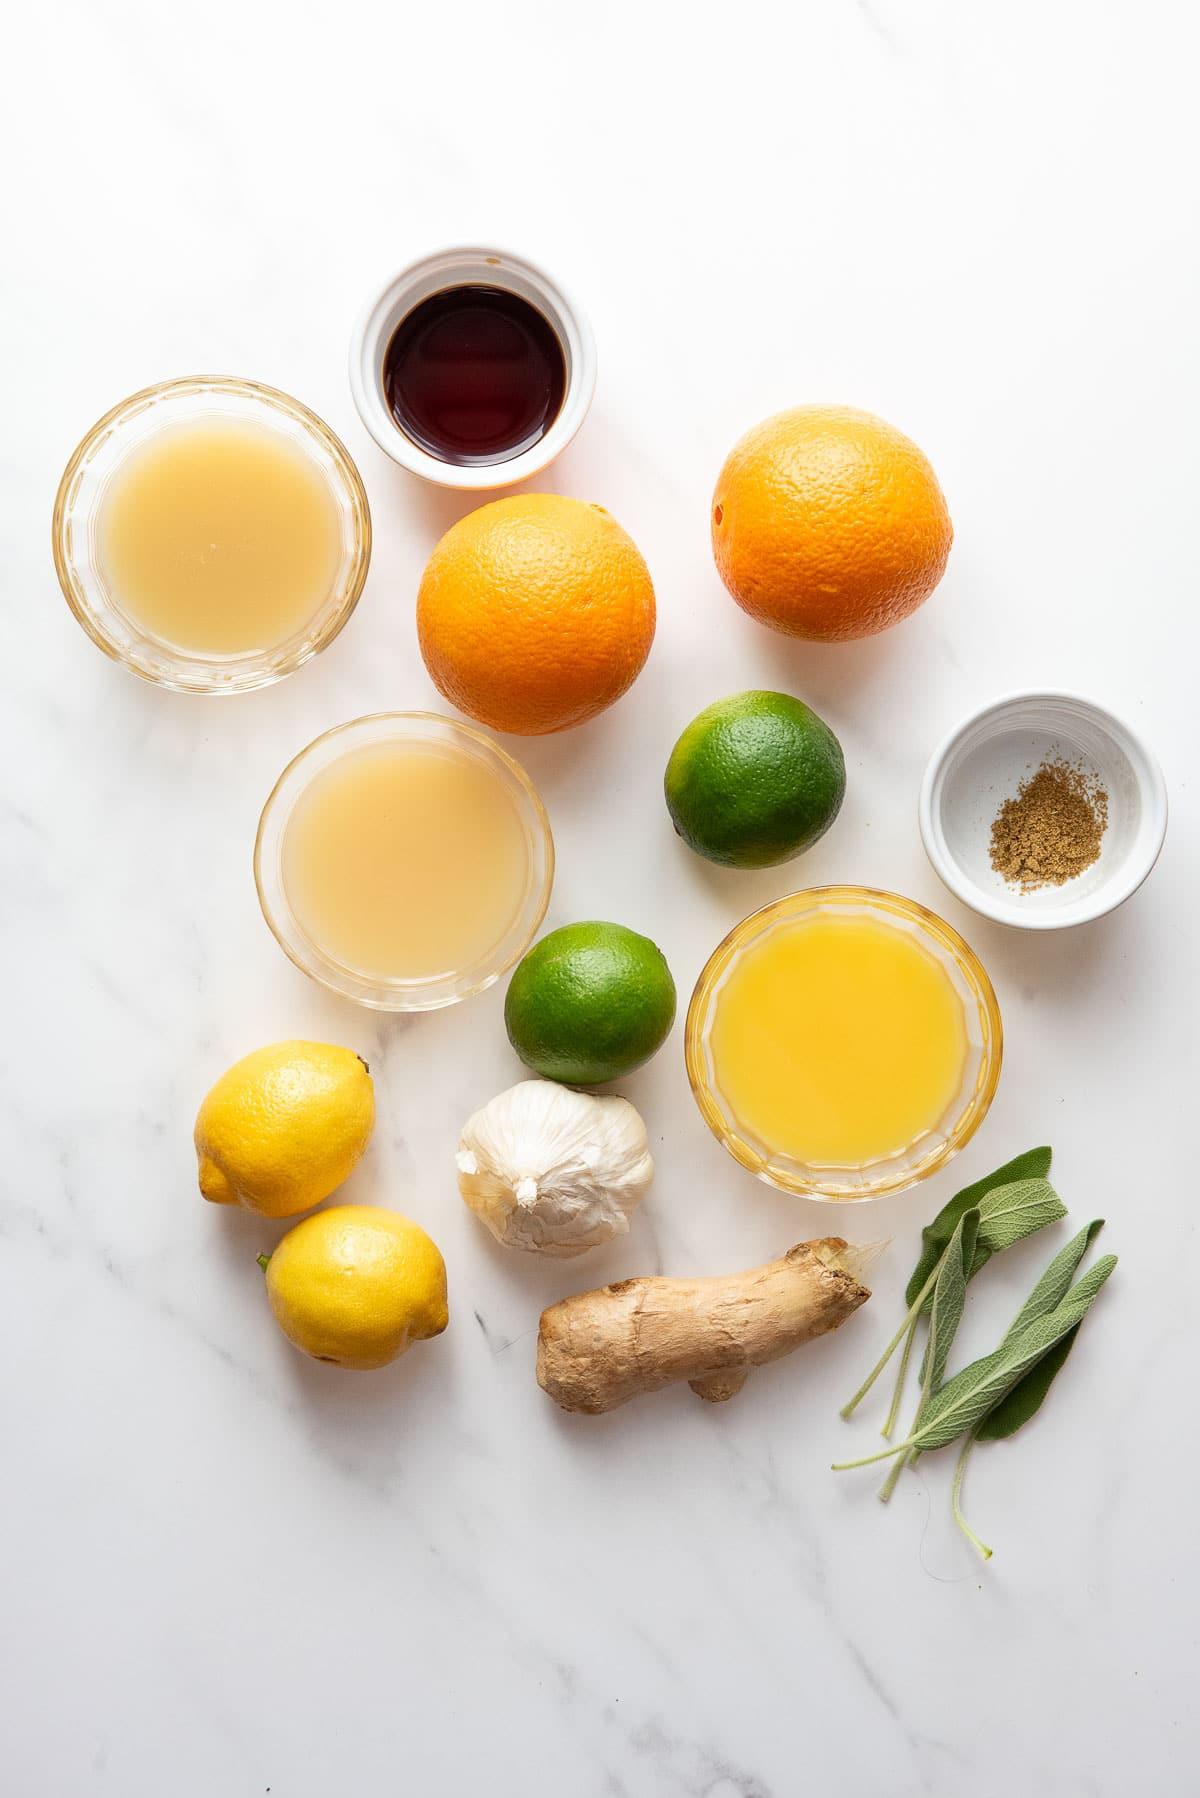 citrus chicken marinade ingredients